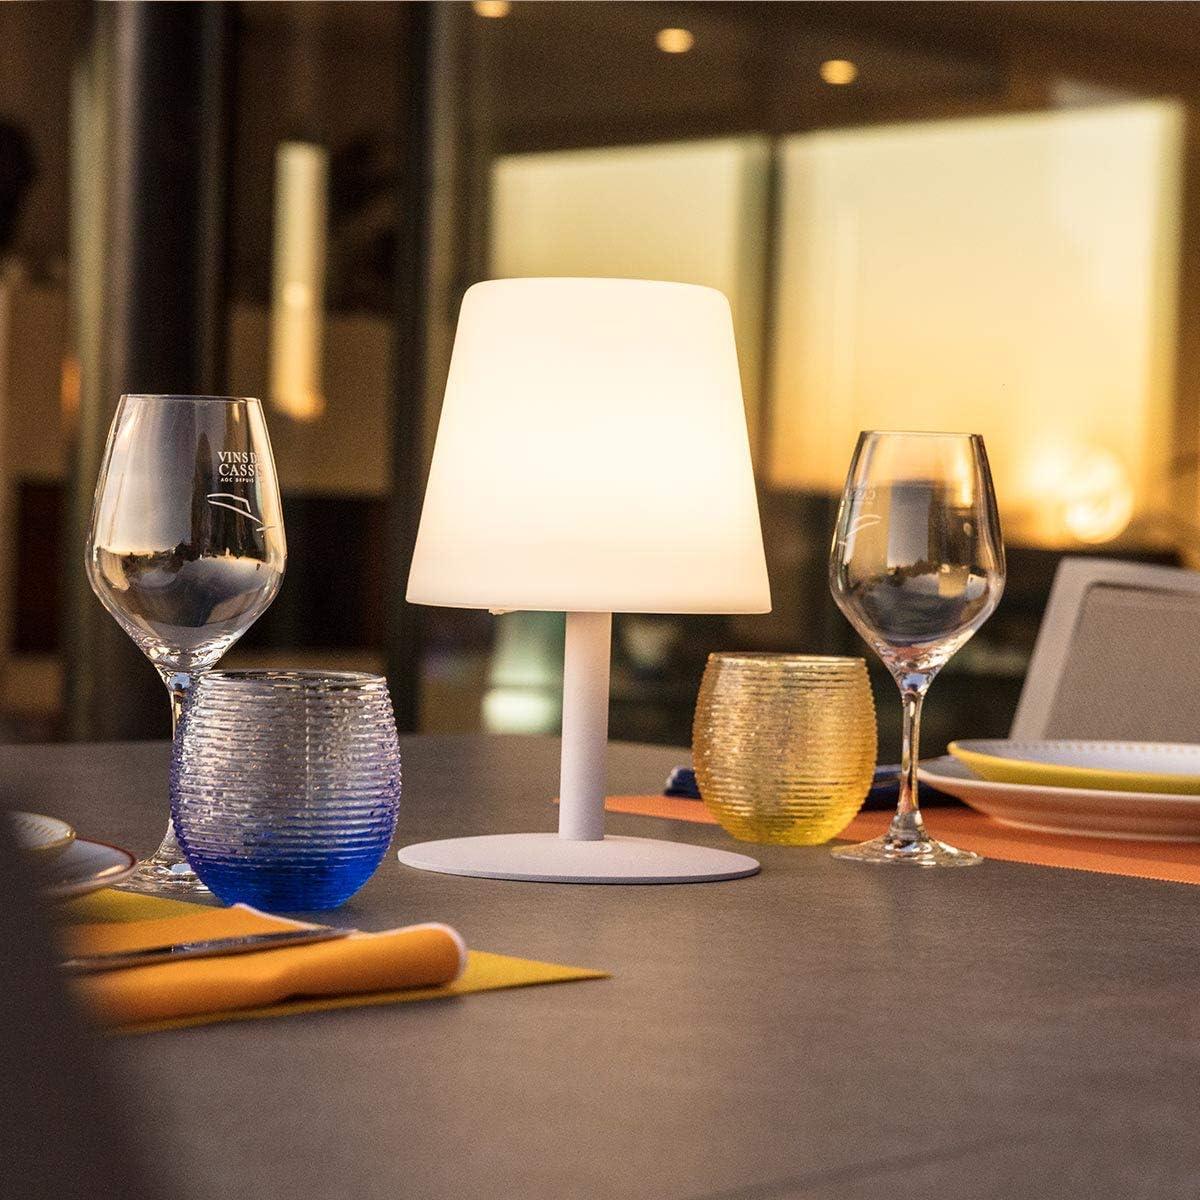 Lumisky Lampe de Table de Jardin lumière Blanche sans Fil sur Batterie STANDY Mini Rock à LED 26cm, ABS, Gris, 15x15xH26 Rosa